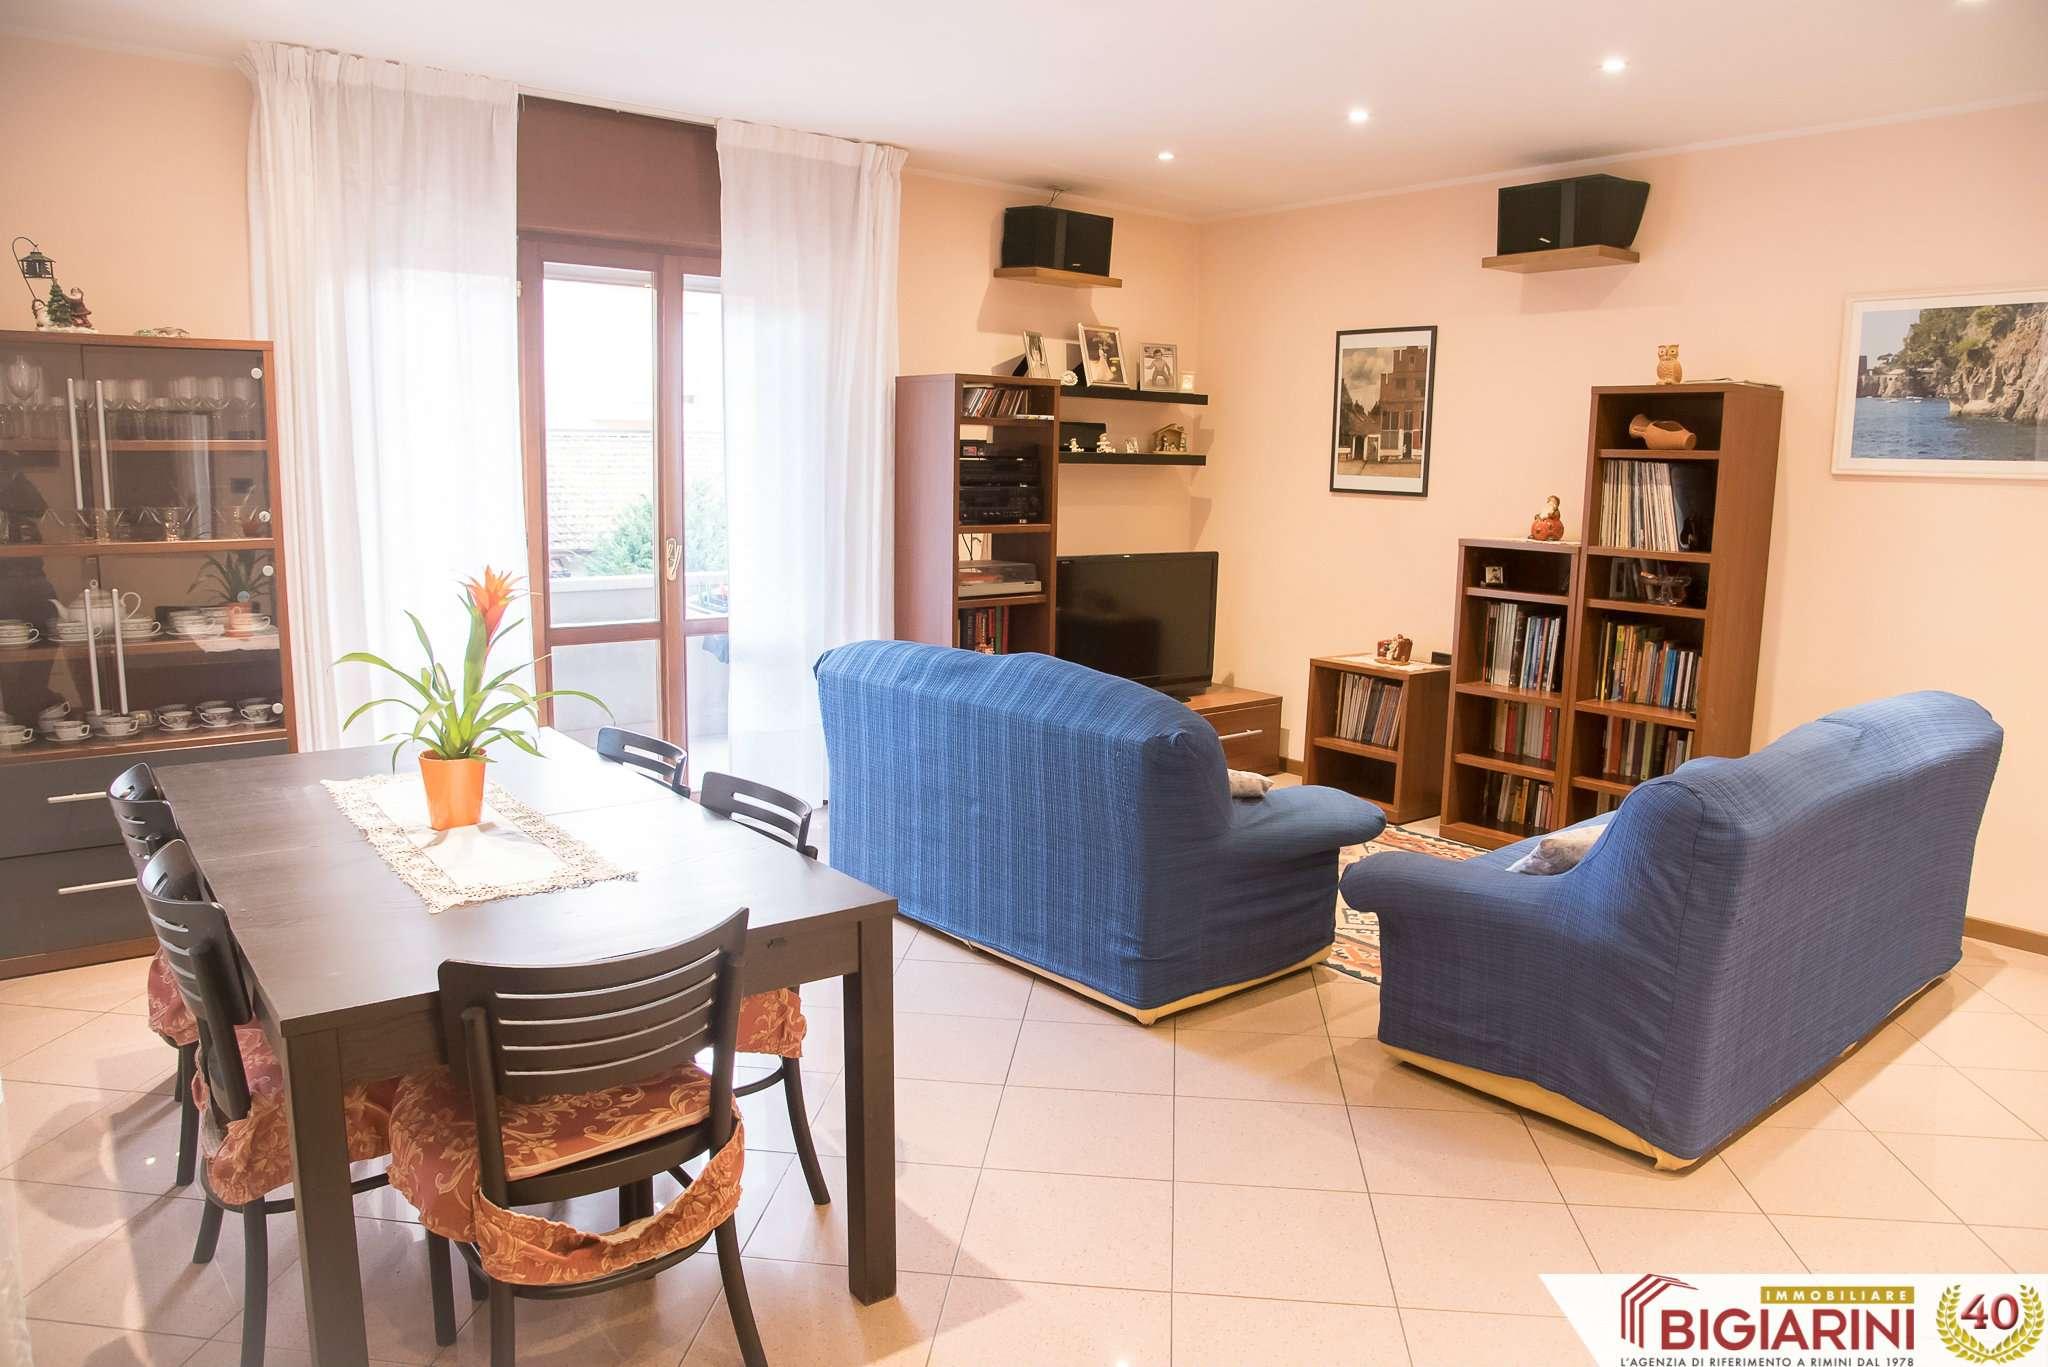 Riccione zona via Ceccarini — Appartamento tre camere in casa bifamiliare con primo piano con garage